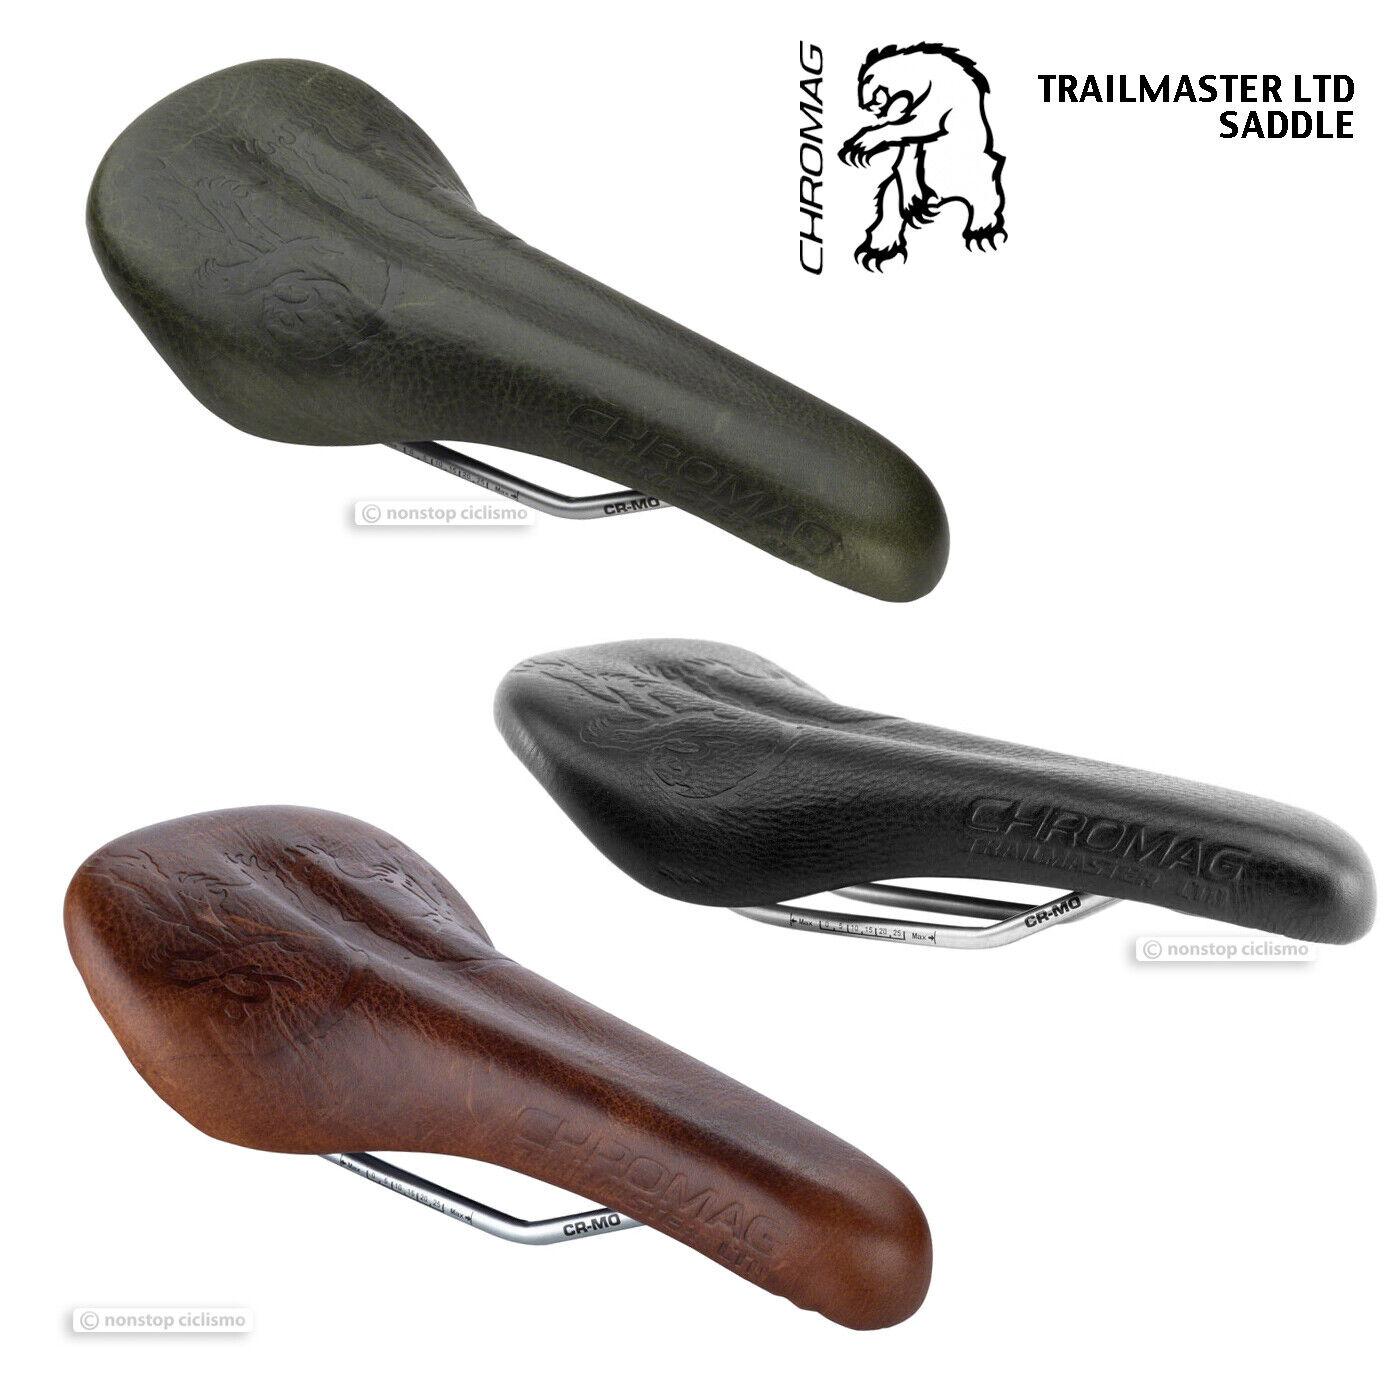 Nuevo Chromag TRAILMASTER limitado de cuero bicicleta de montaña Bicicleta De Montaña sillín Negro-Colors